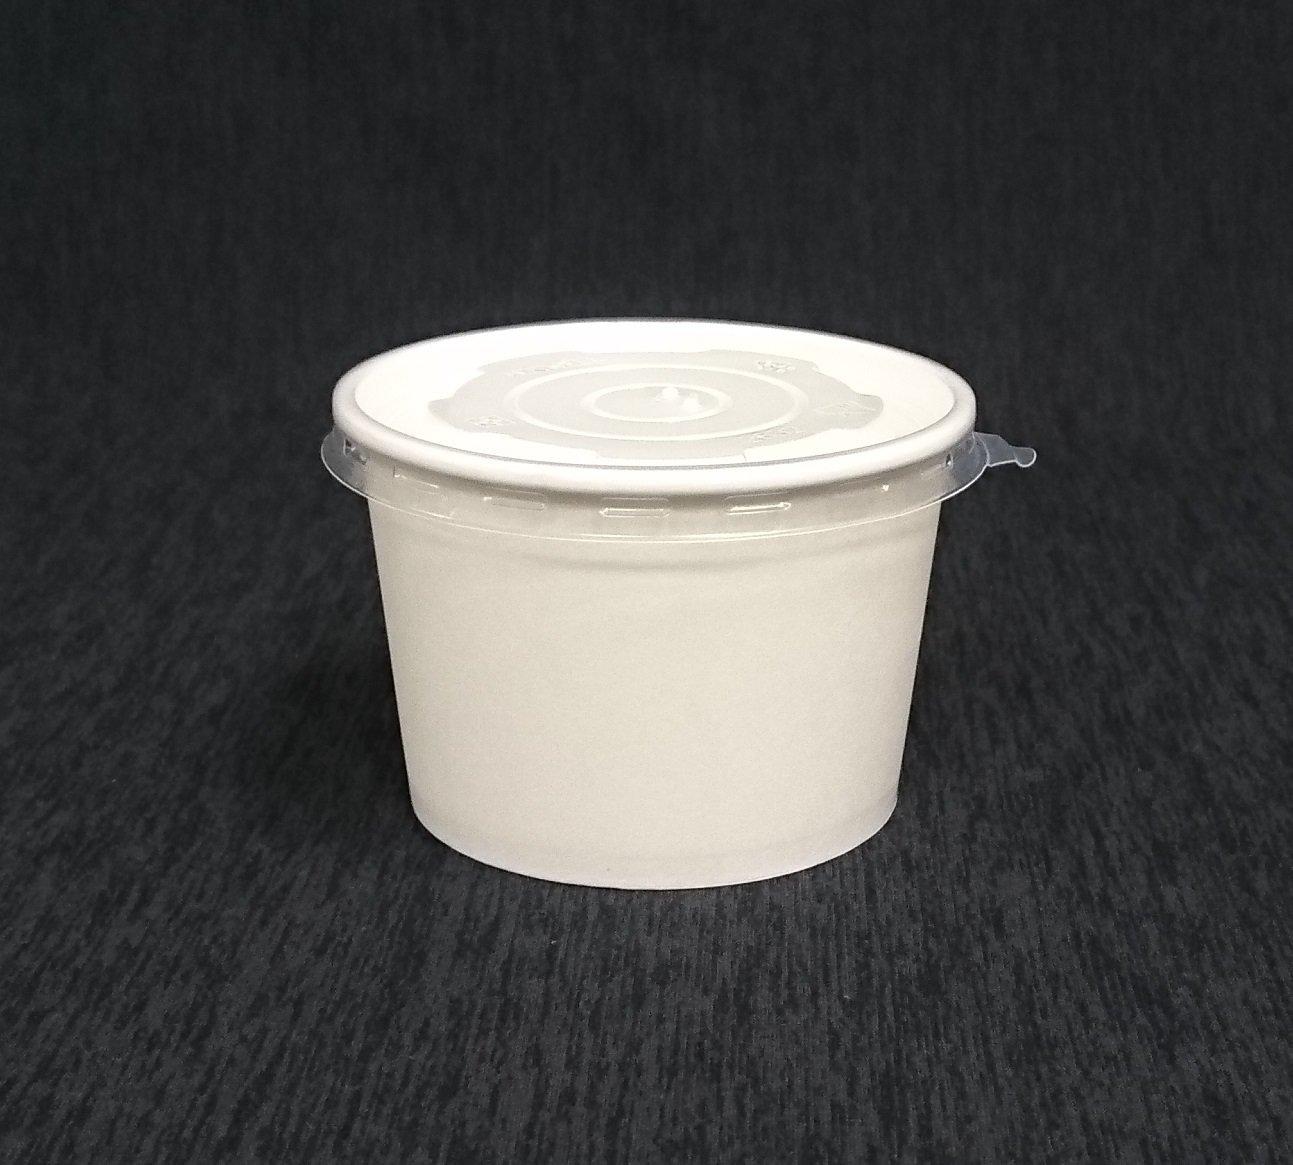 50組【全白 1000湯杯 蓋】白色紙碗 紙湯杯蓋 紙湯碗蓋 麵碗 紙餐盒 紙便當盒 免洗碗 晶得閒